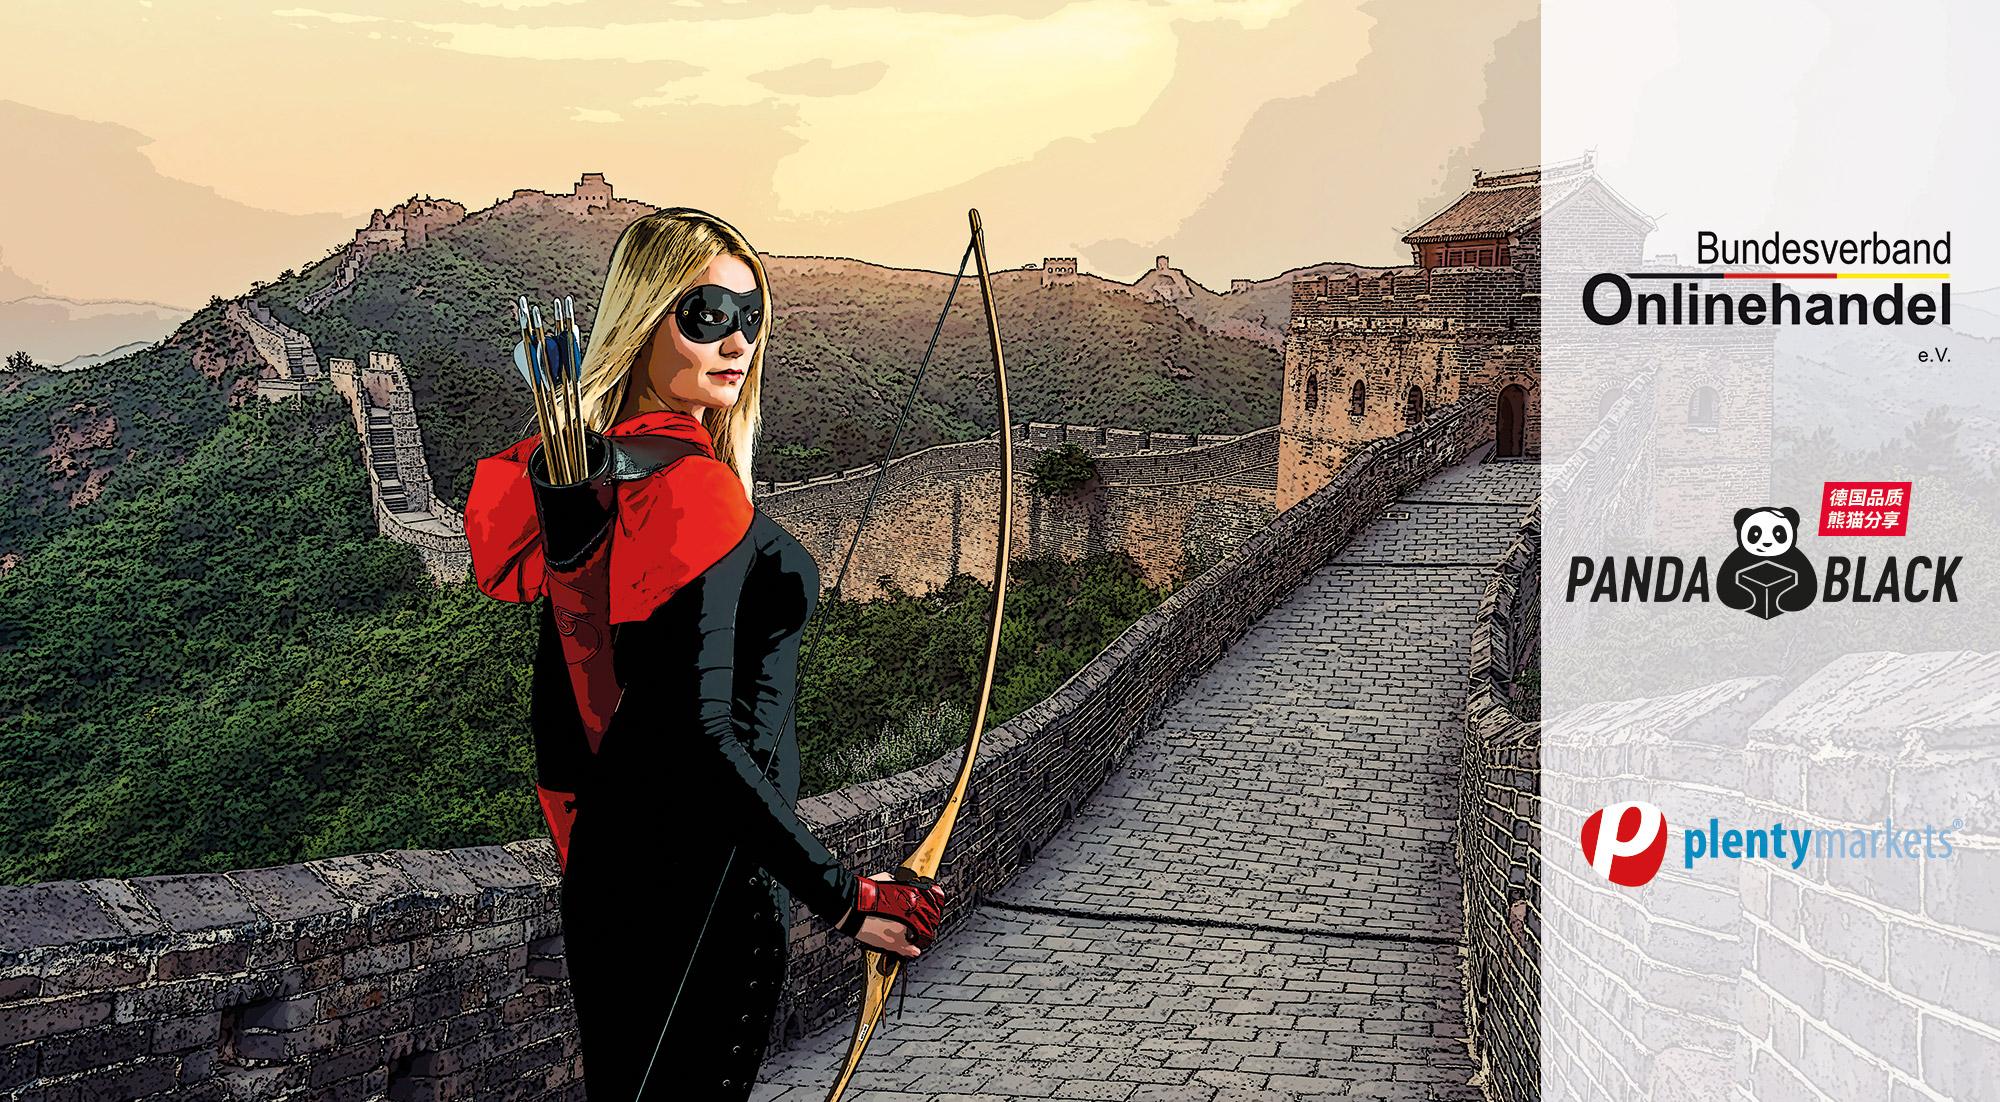 Ziel China – BVOH startet mit seiner Initiative PANDA.BLACK einzigartiges Sprungbrett für Onlinehändler in den Fernen Osten